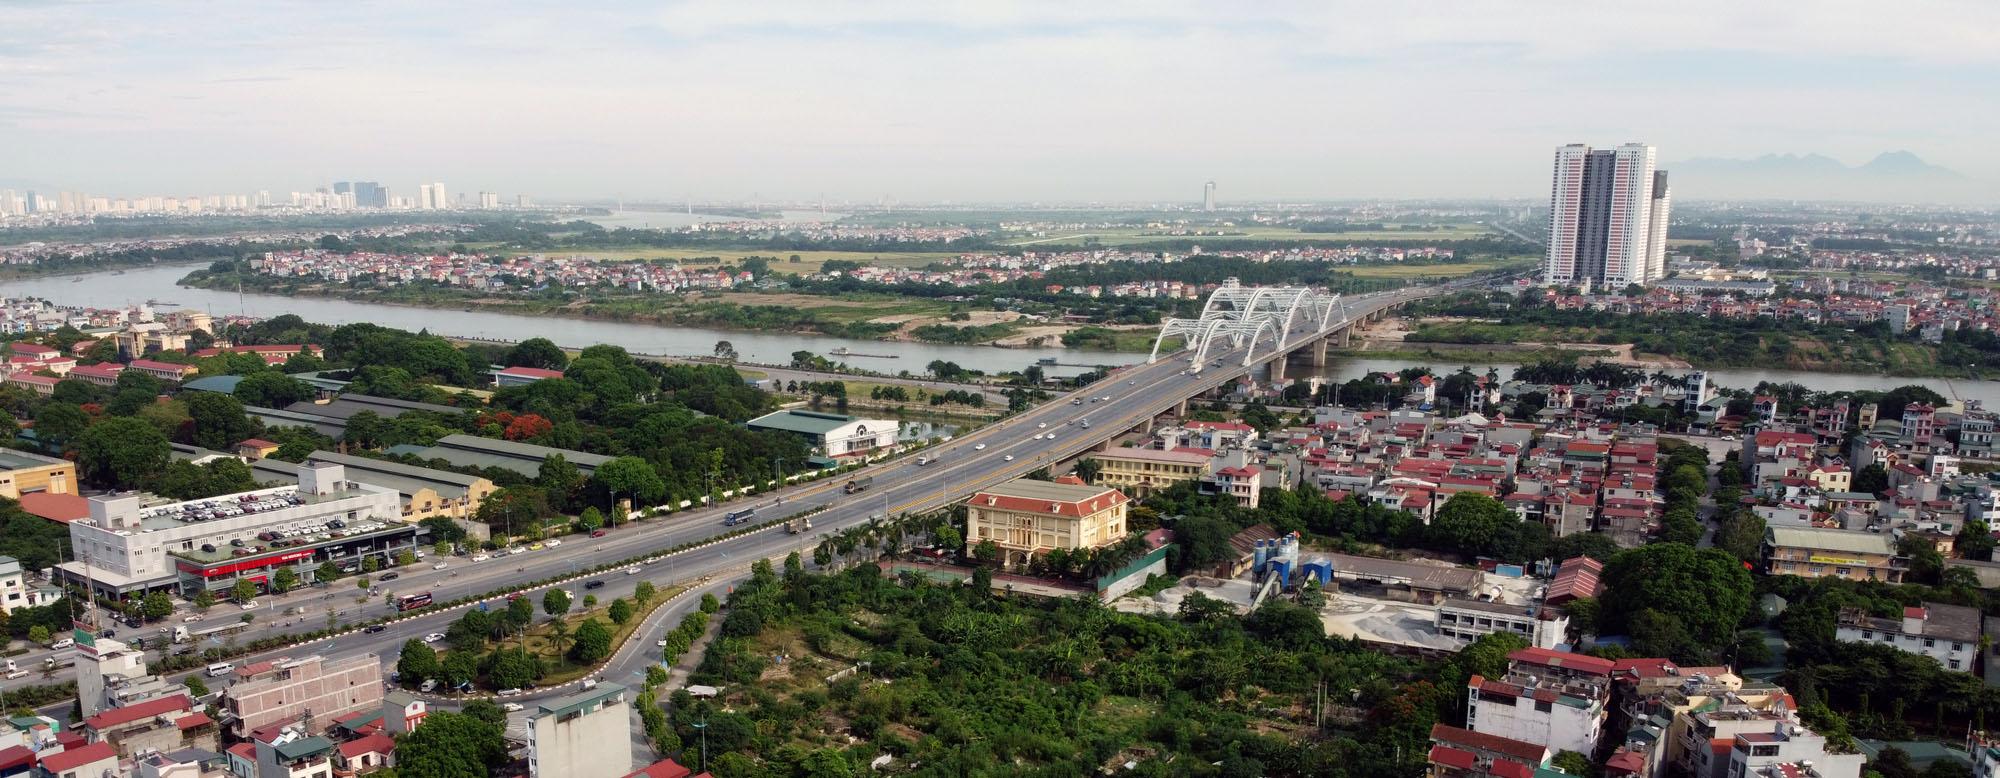 Dự án Eurowindow River Park đang mở bán: Cửa ngõ Đông Bắc Hà Nội, view hai sông lớn - Ảnh 1.